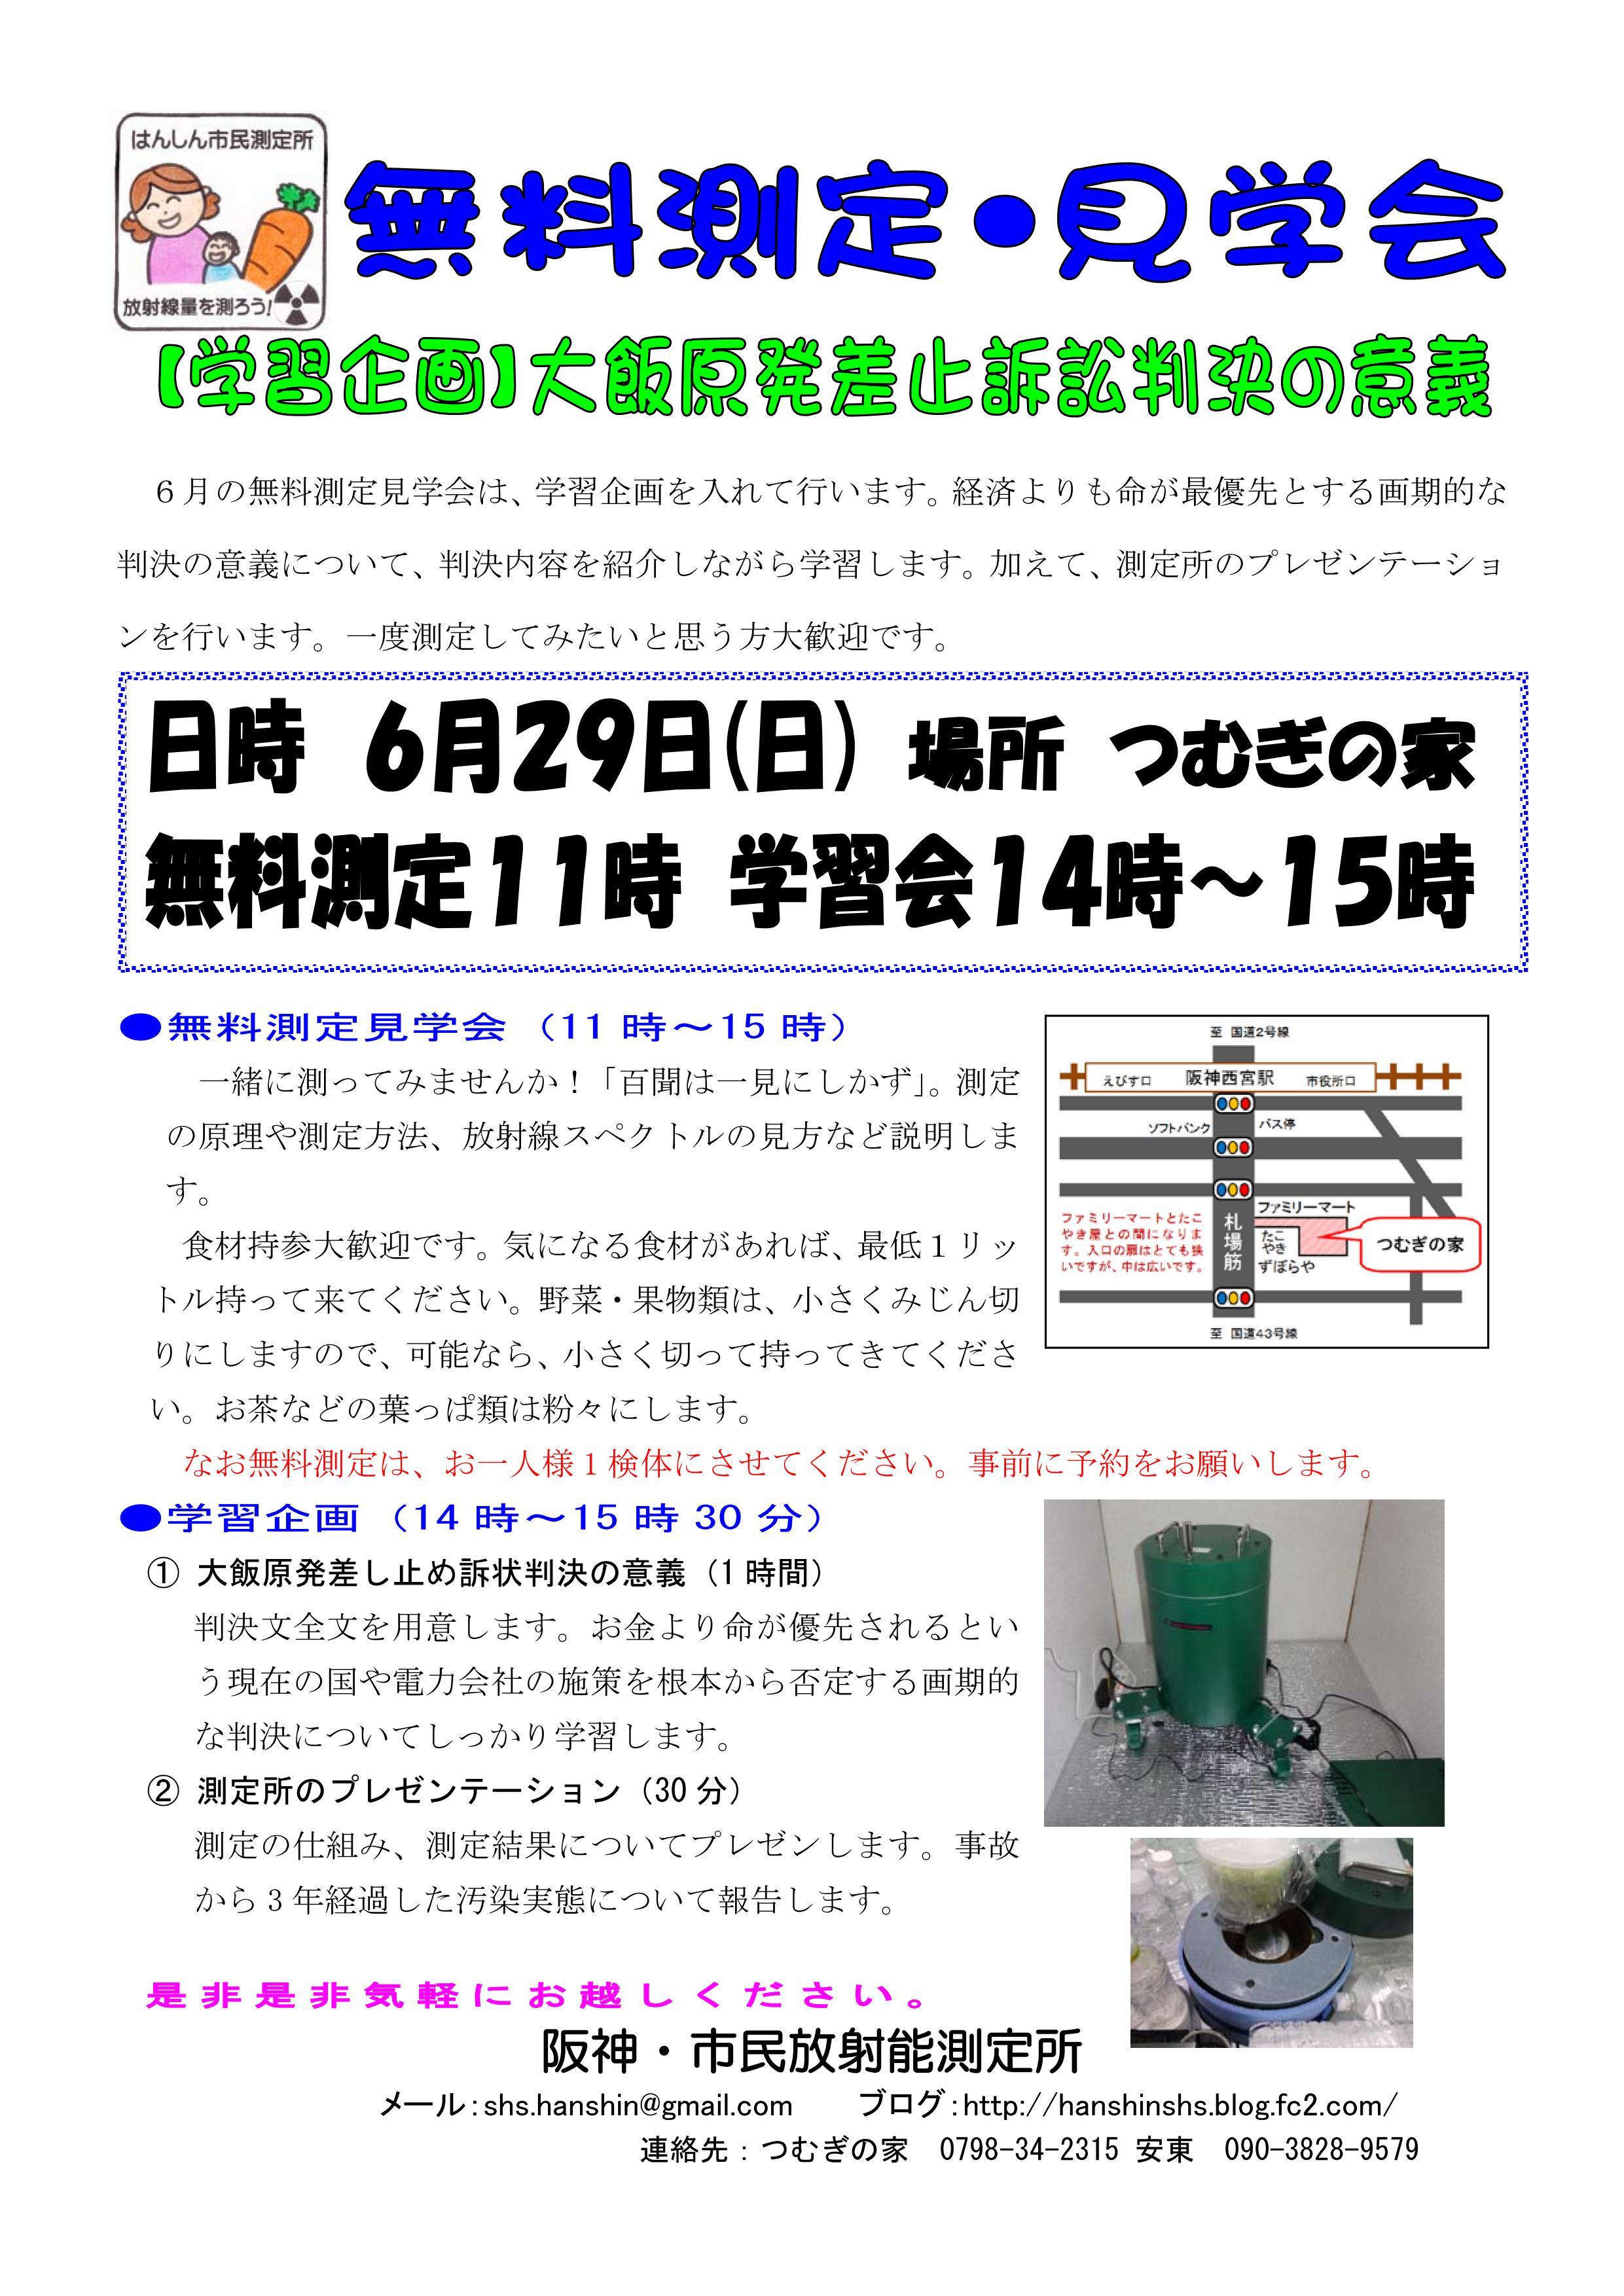 20140629無料測定学習会_01